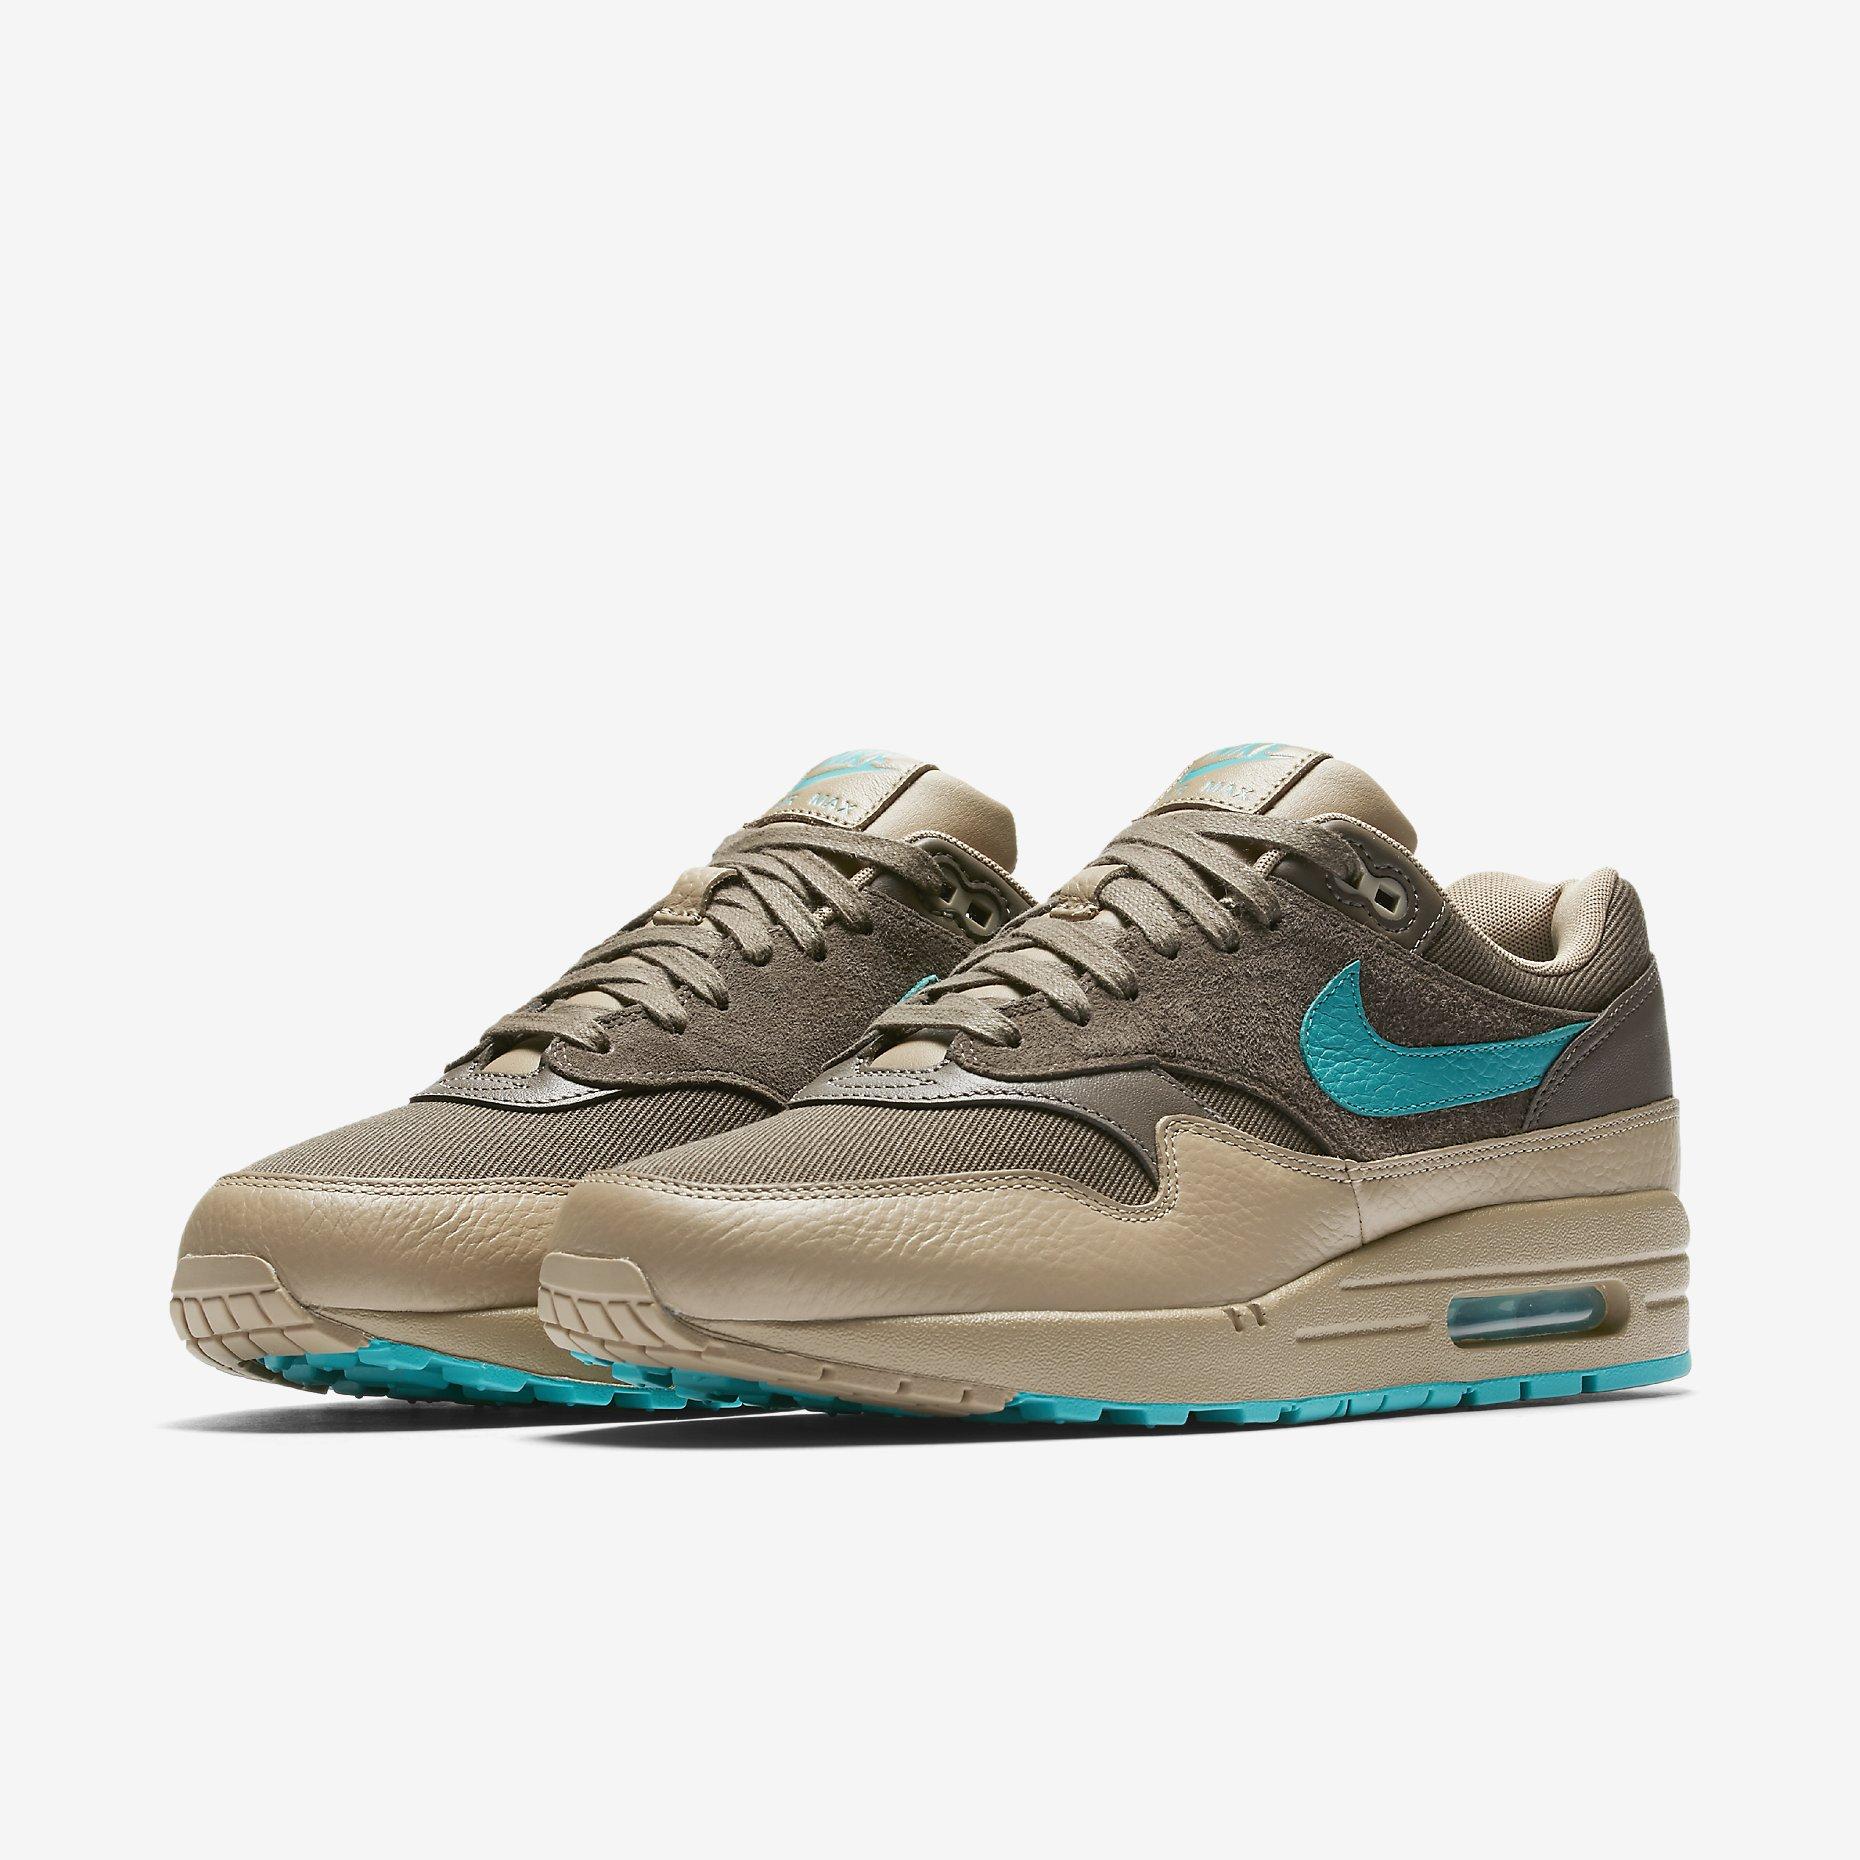 Nike Air Max 1 Premium Ridgerock 875844 200 3